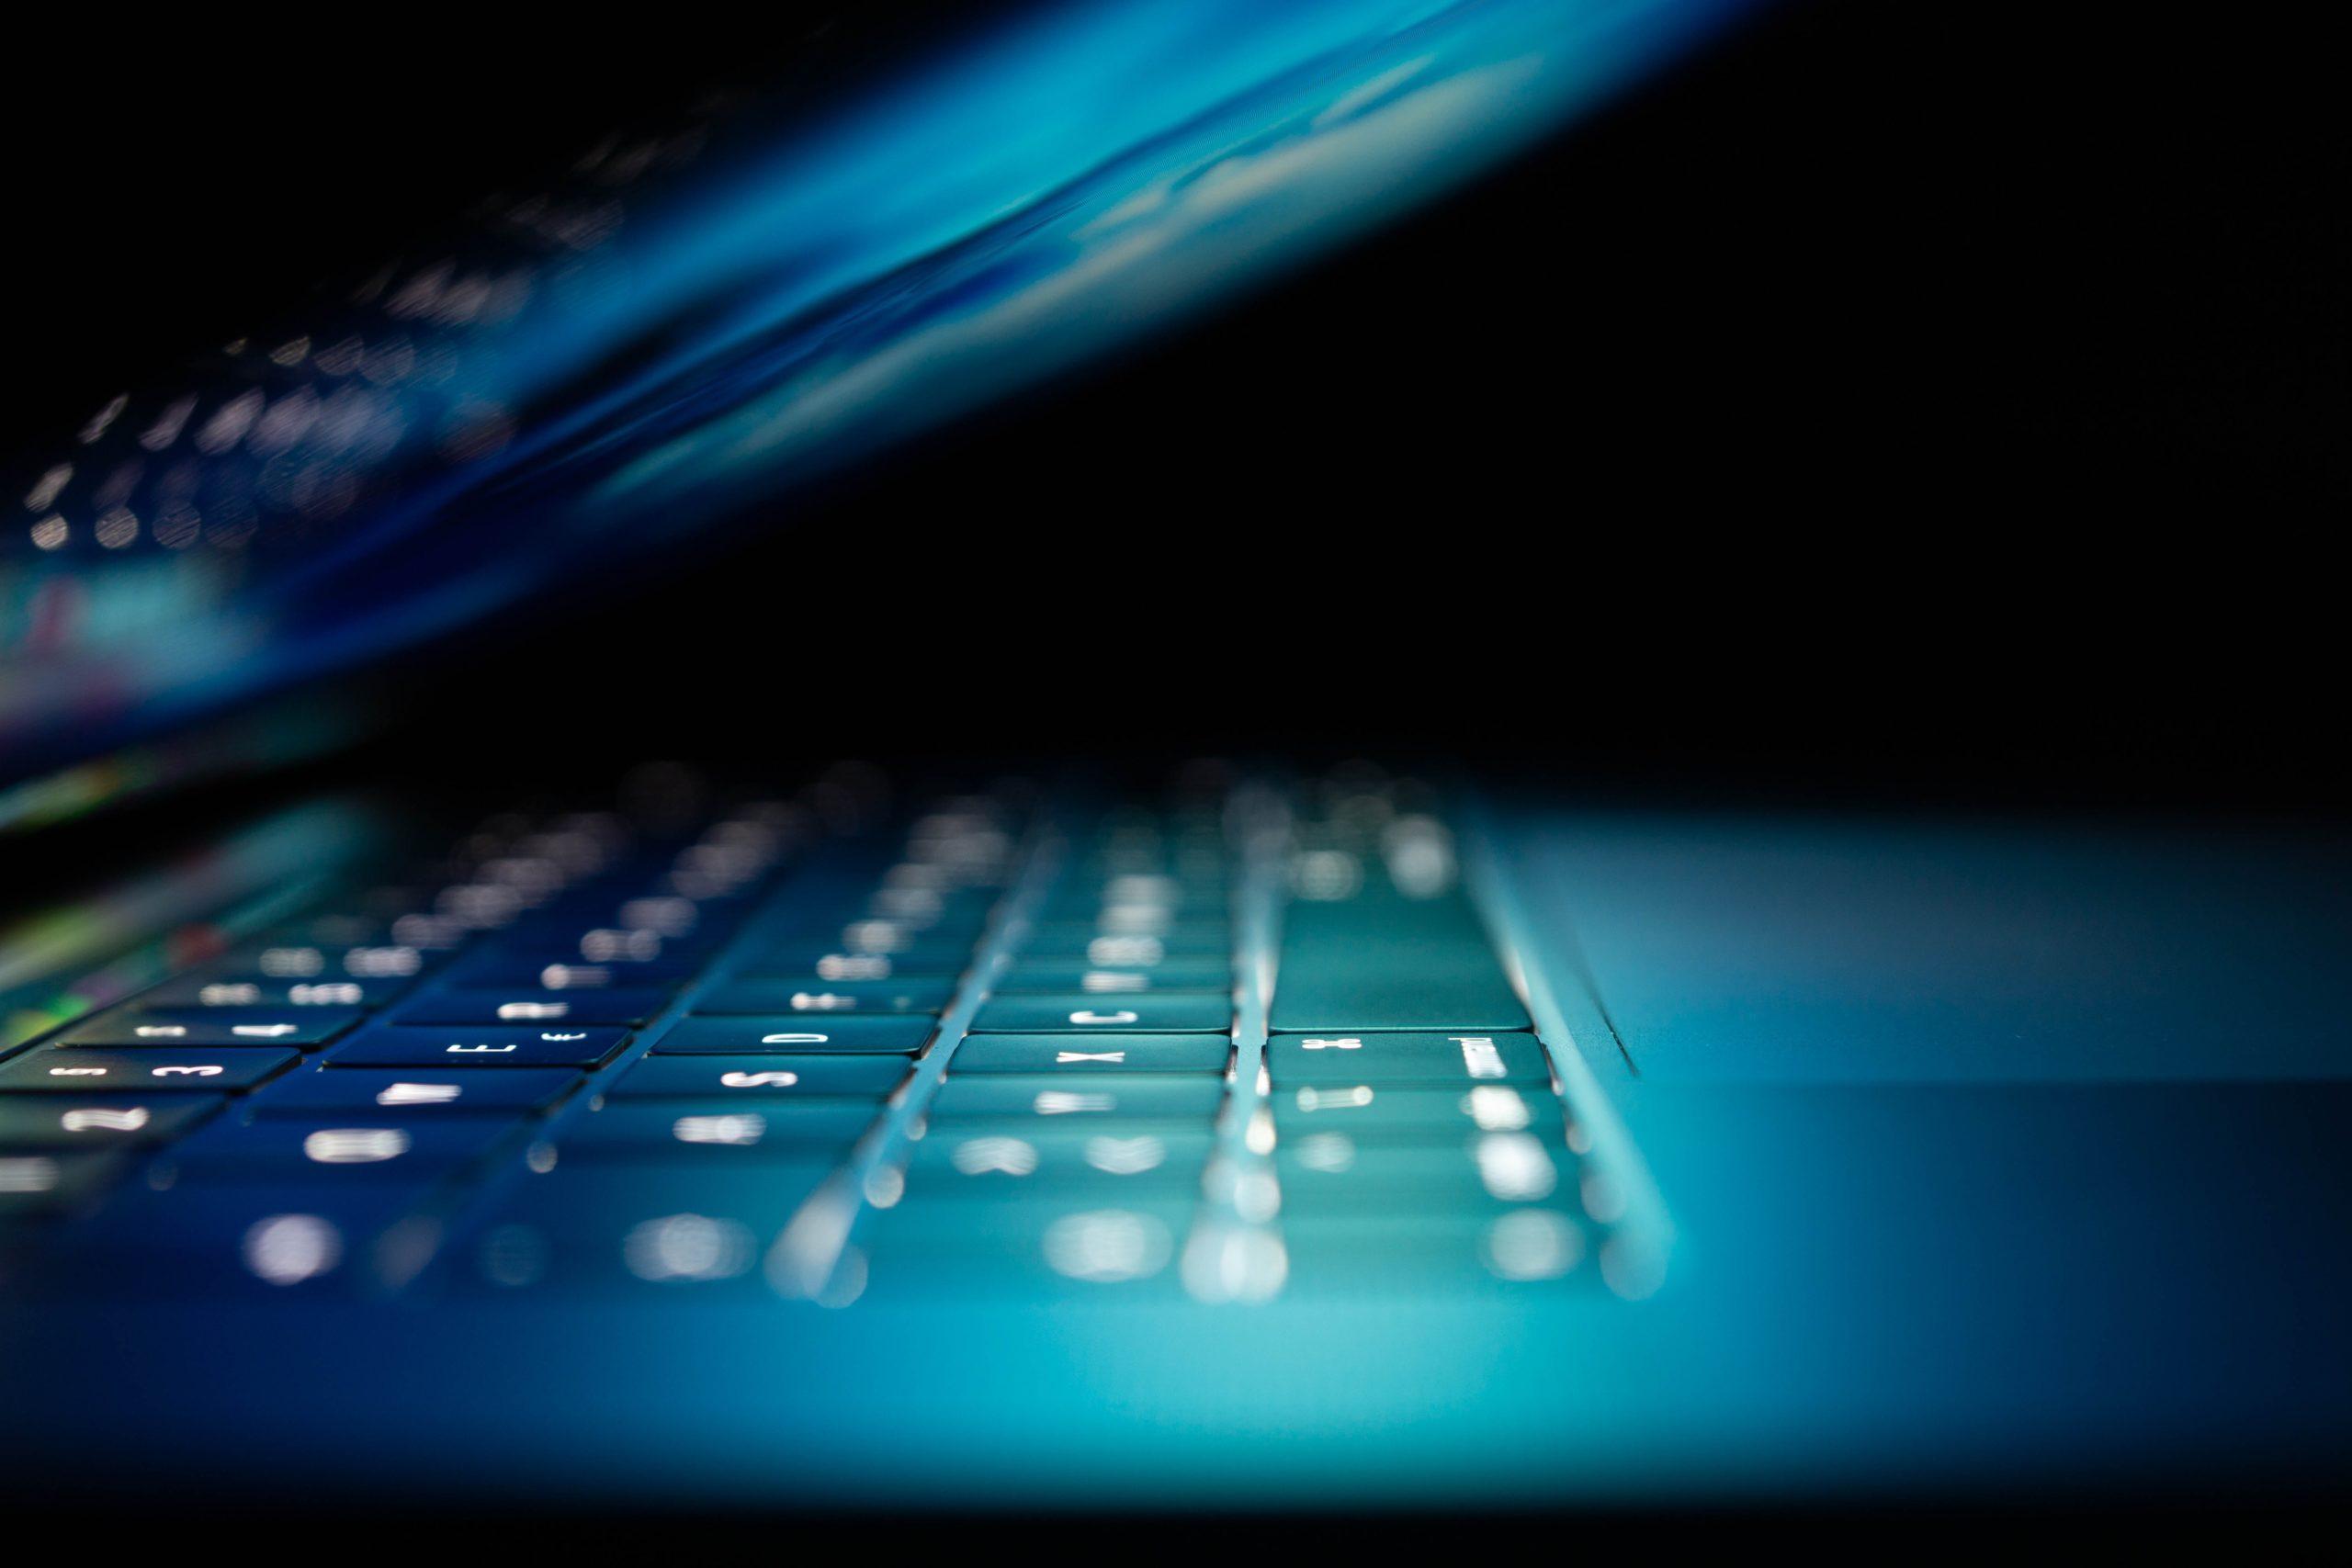 Halbwegs zugeklapter Laptop im dunklen Raum